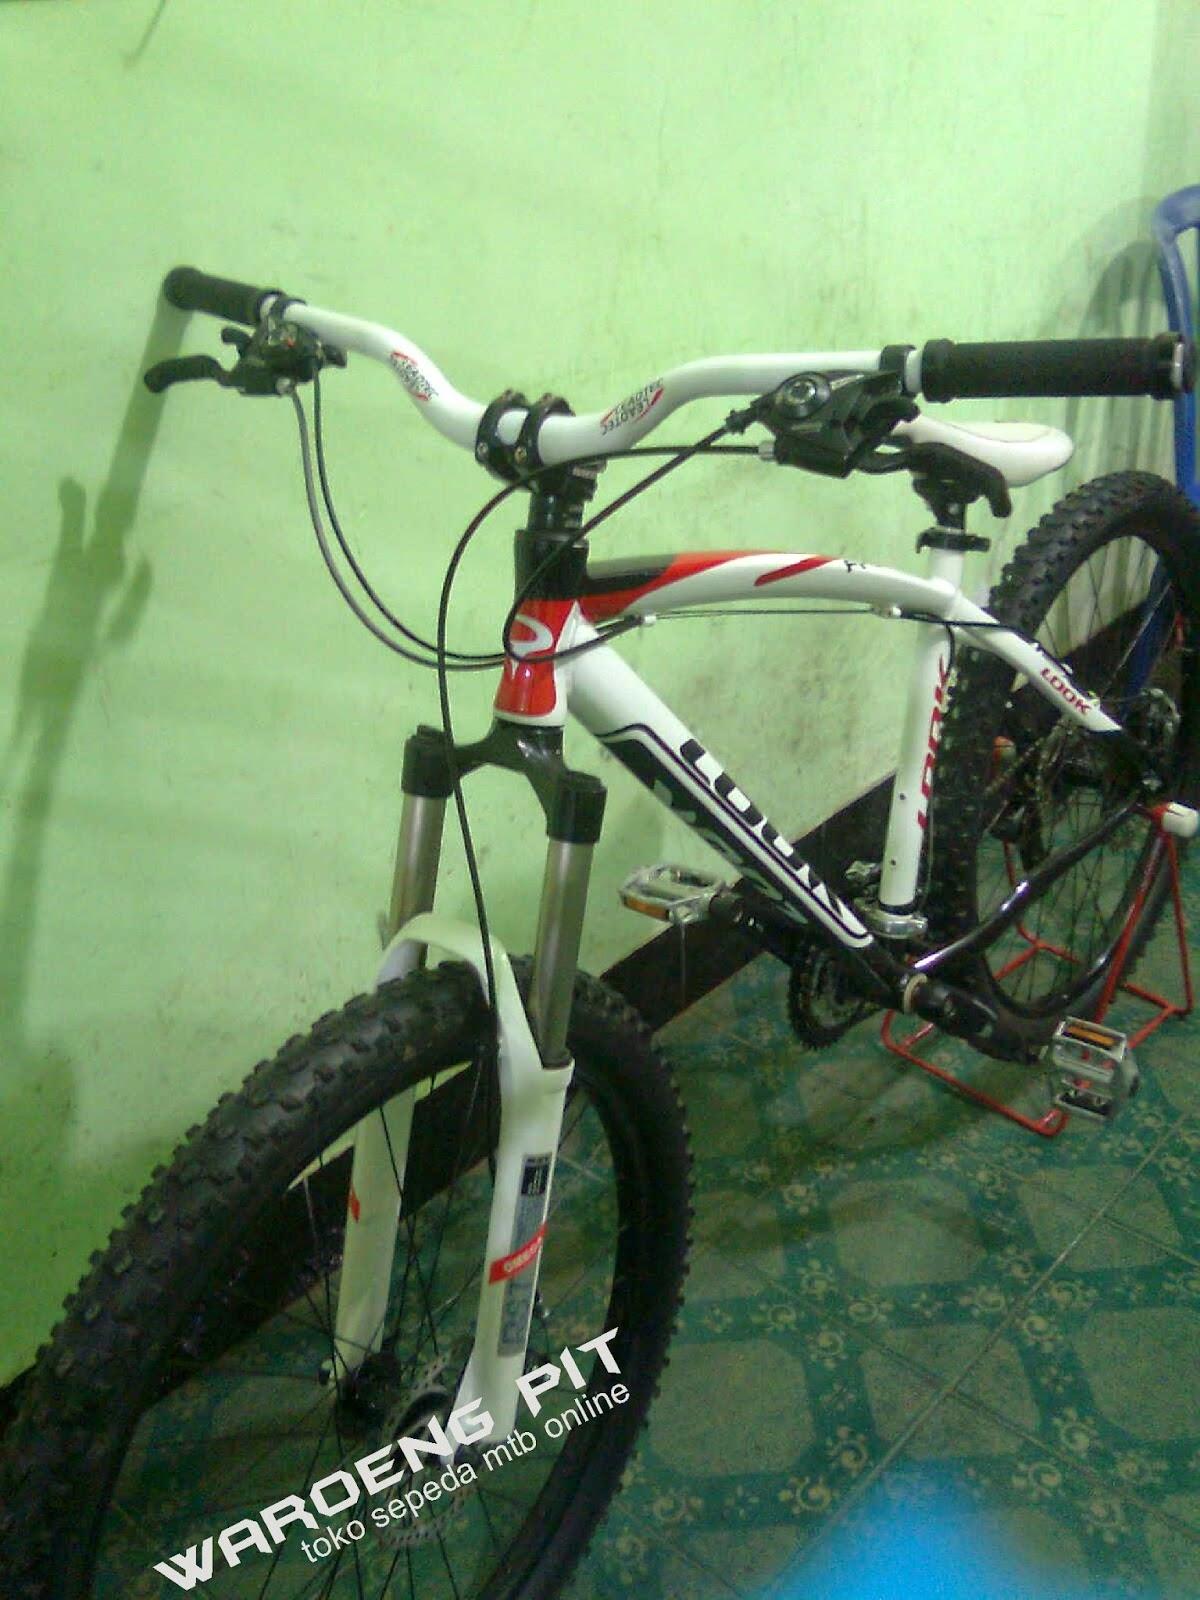 jual sepeda gunung mtb bekas look putih merah hitam full bike harga terjangkau dengan spare part suku cadang lumayan xc country  waroengpit 2